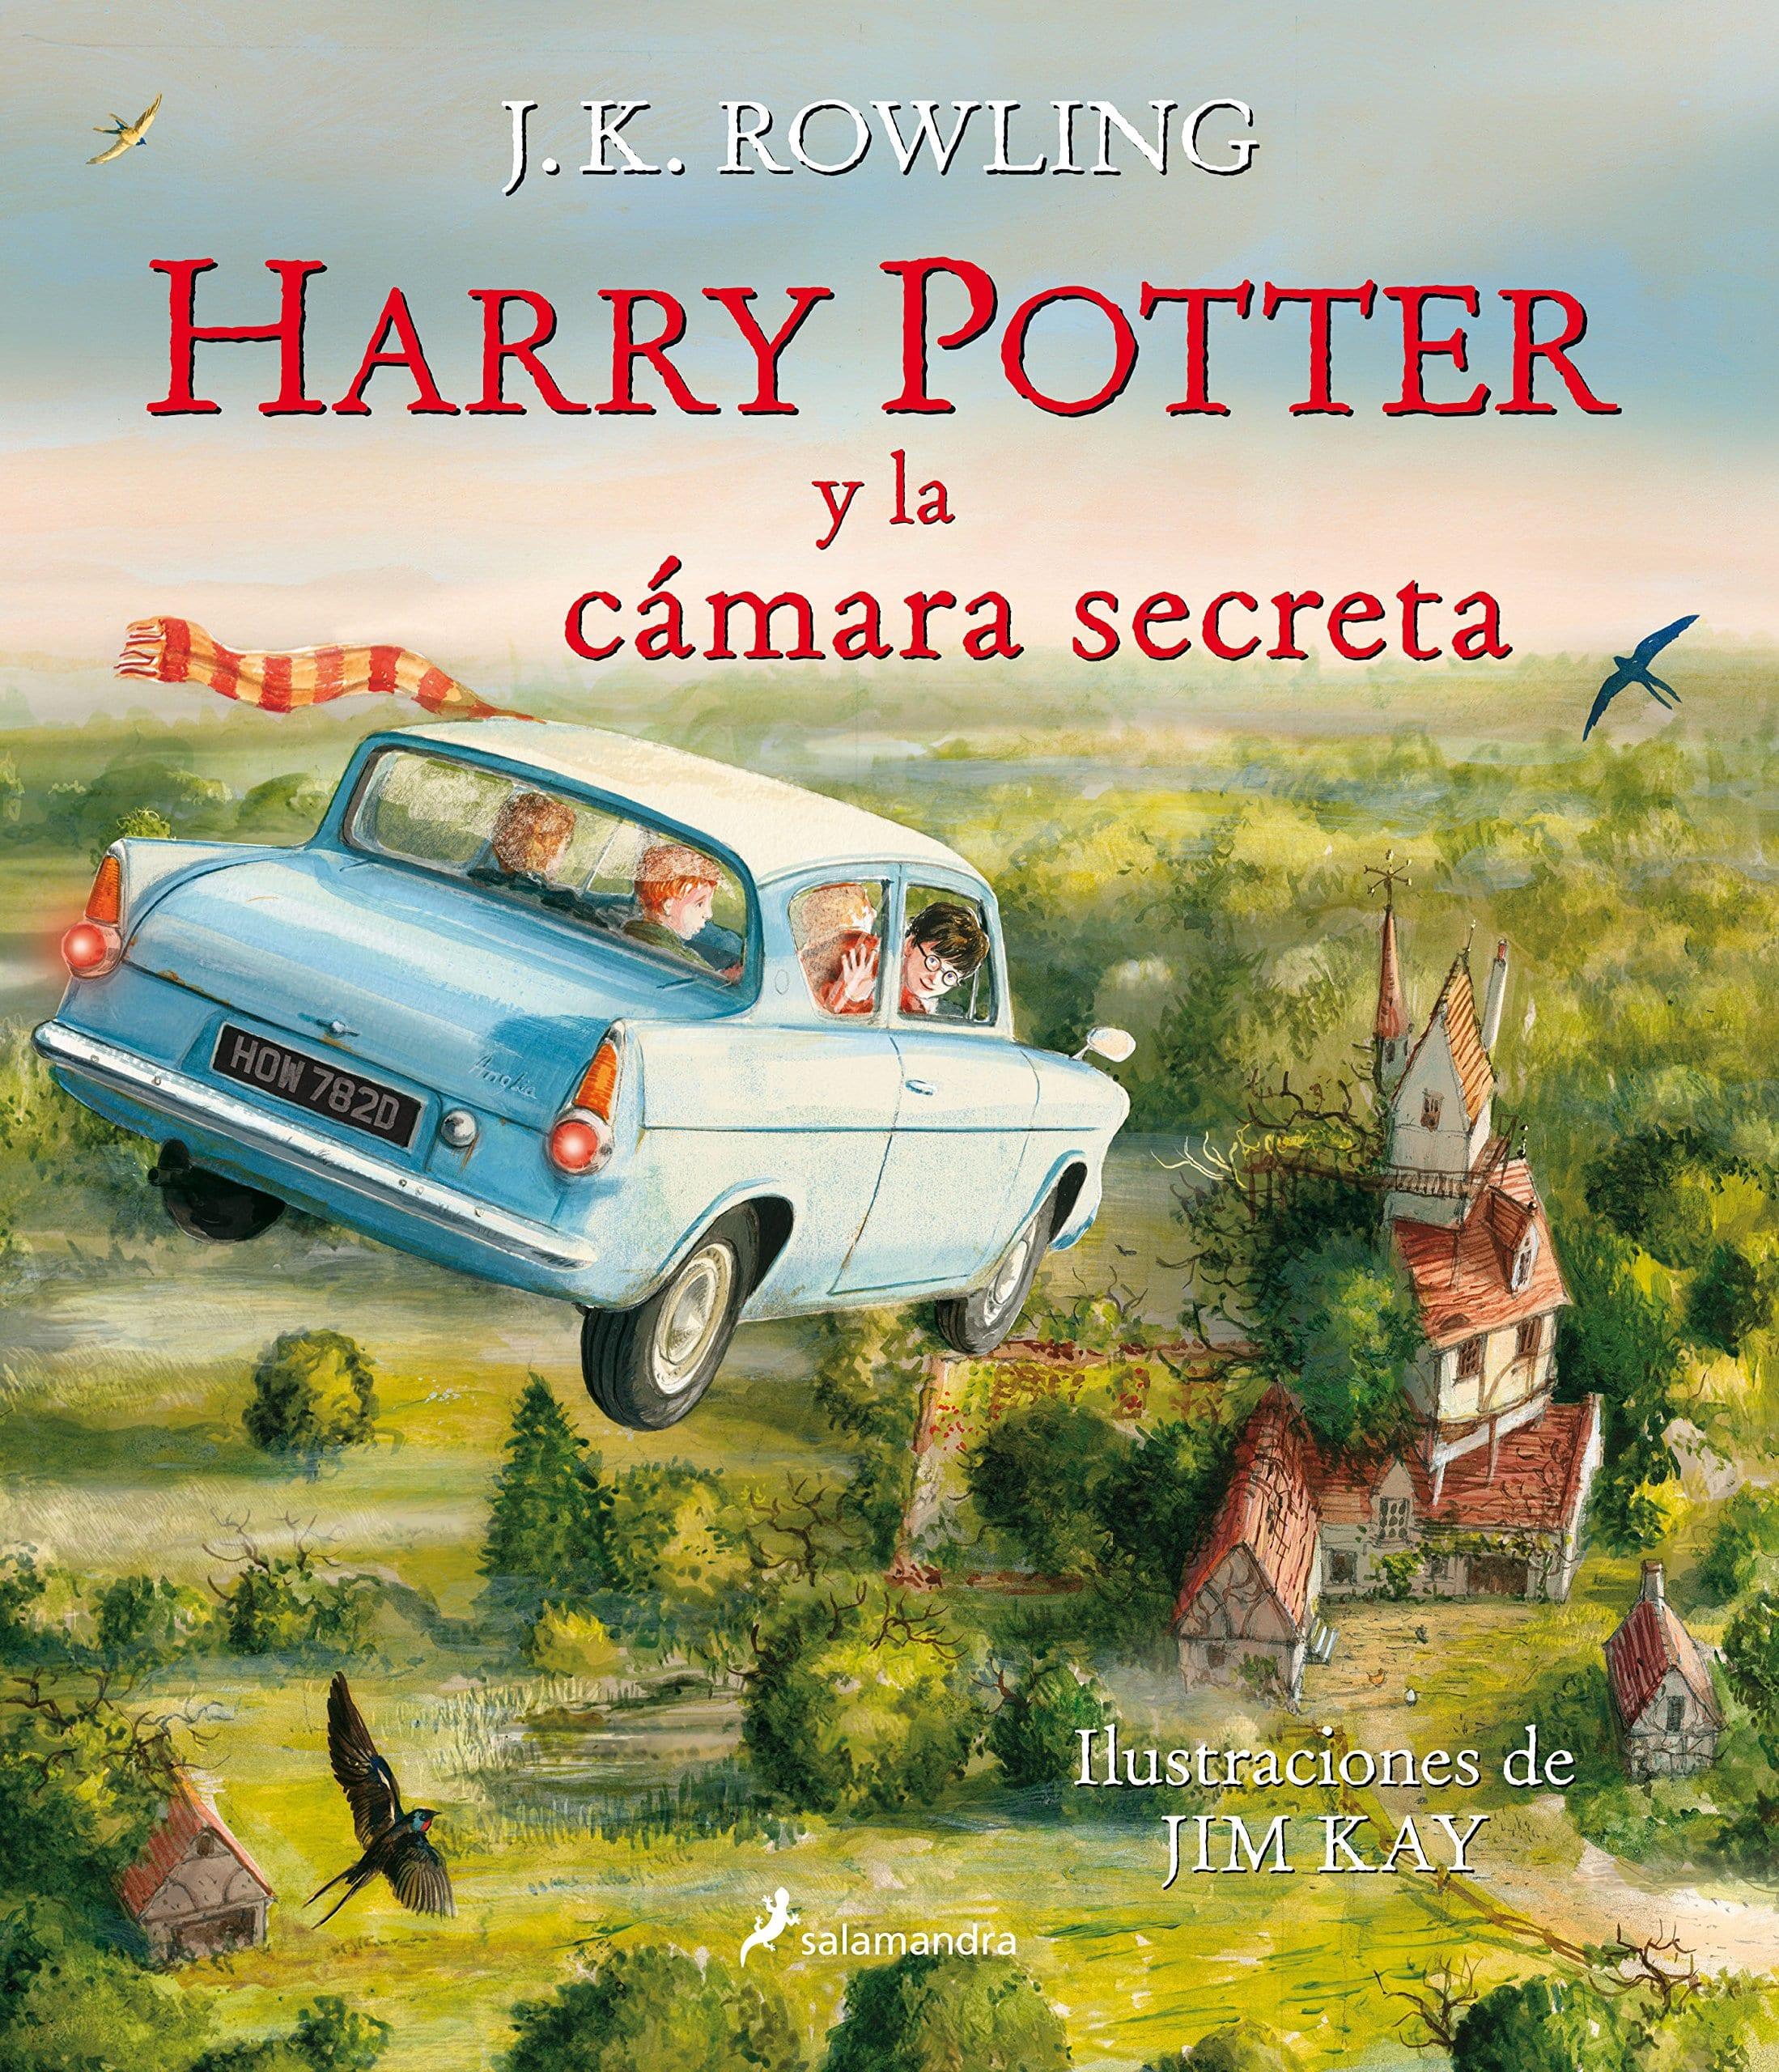 'Harry Potter y la cámara secreta' edición ilustrada. A la venta el 10 de noviembre